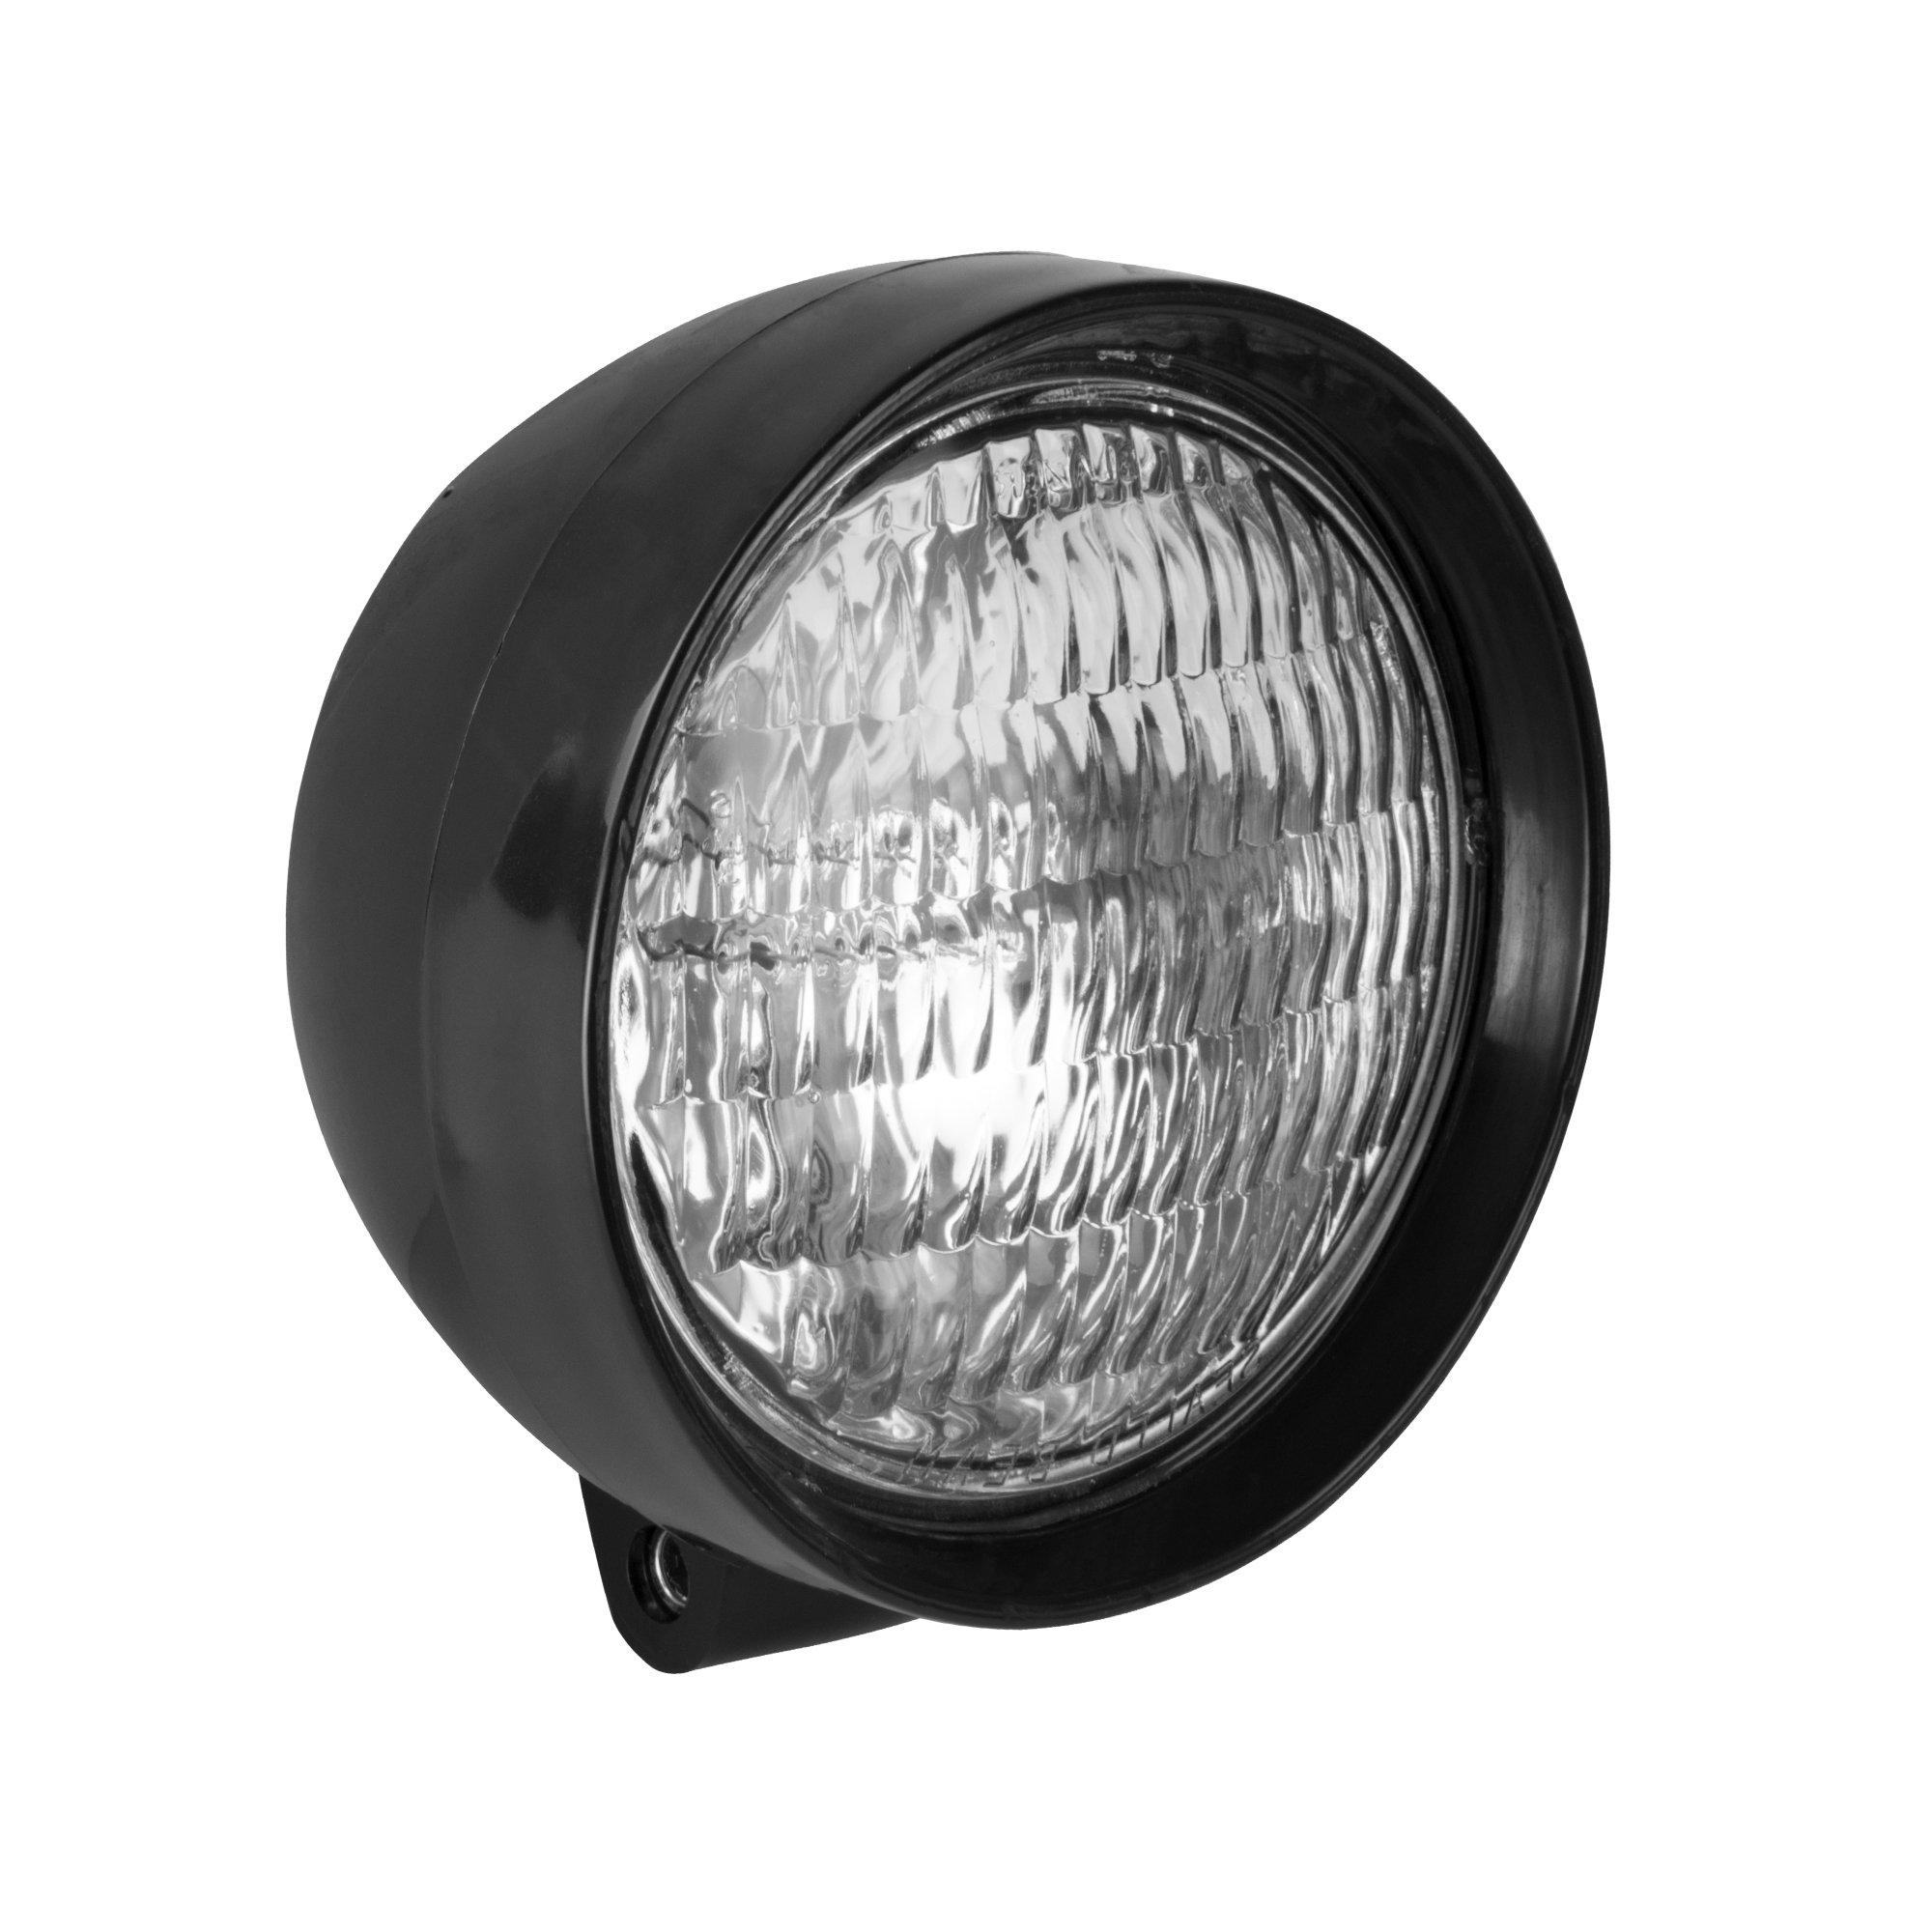 Blazer C125 5-7/8'' Round Par36 6V Work Light with Trapezoid Beam by Blazer International Trailer & Towing Accessories